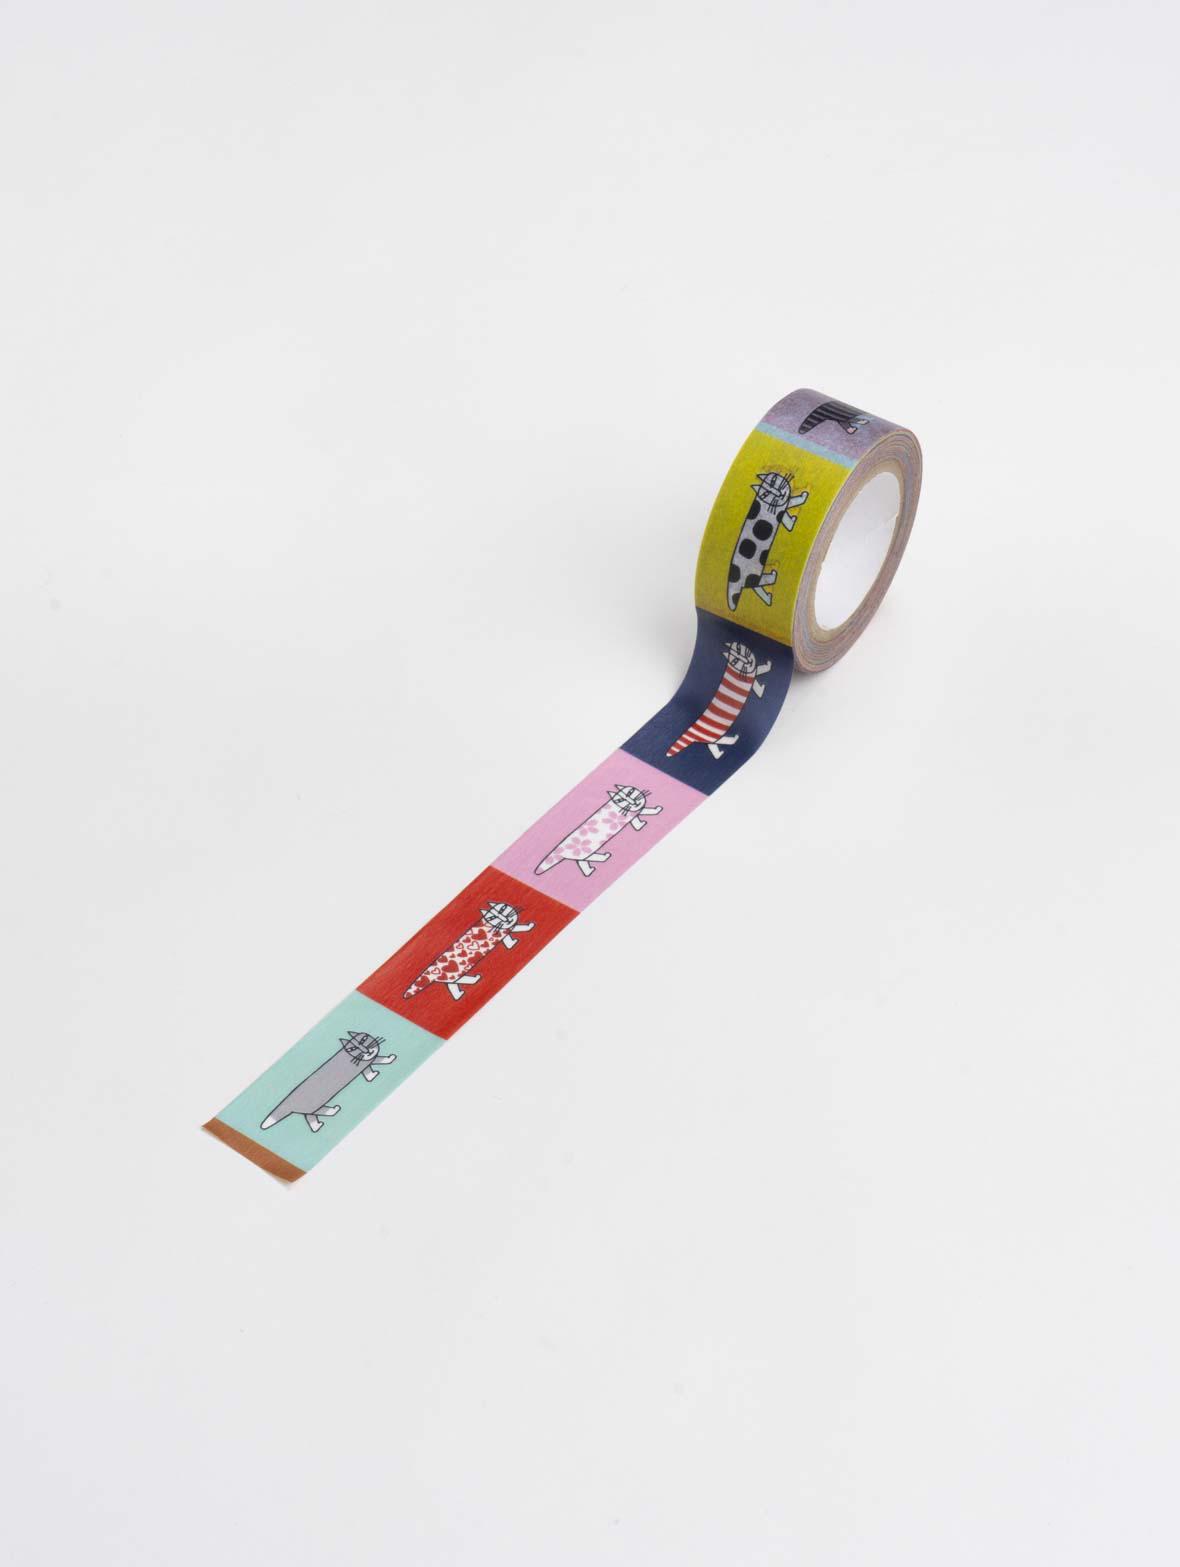 マスキングテープ(20mm・ドレスアップマイキー)